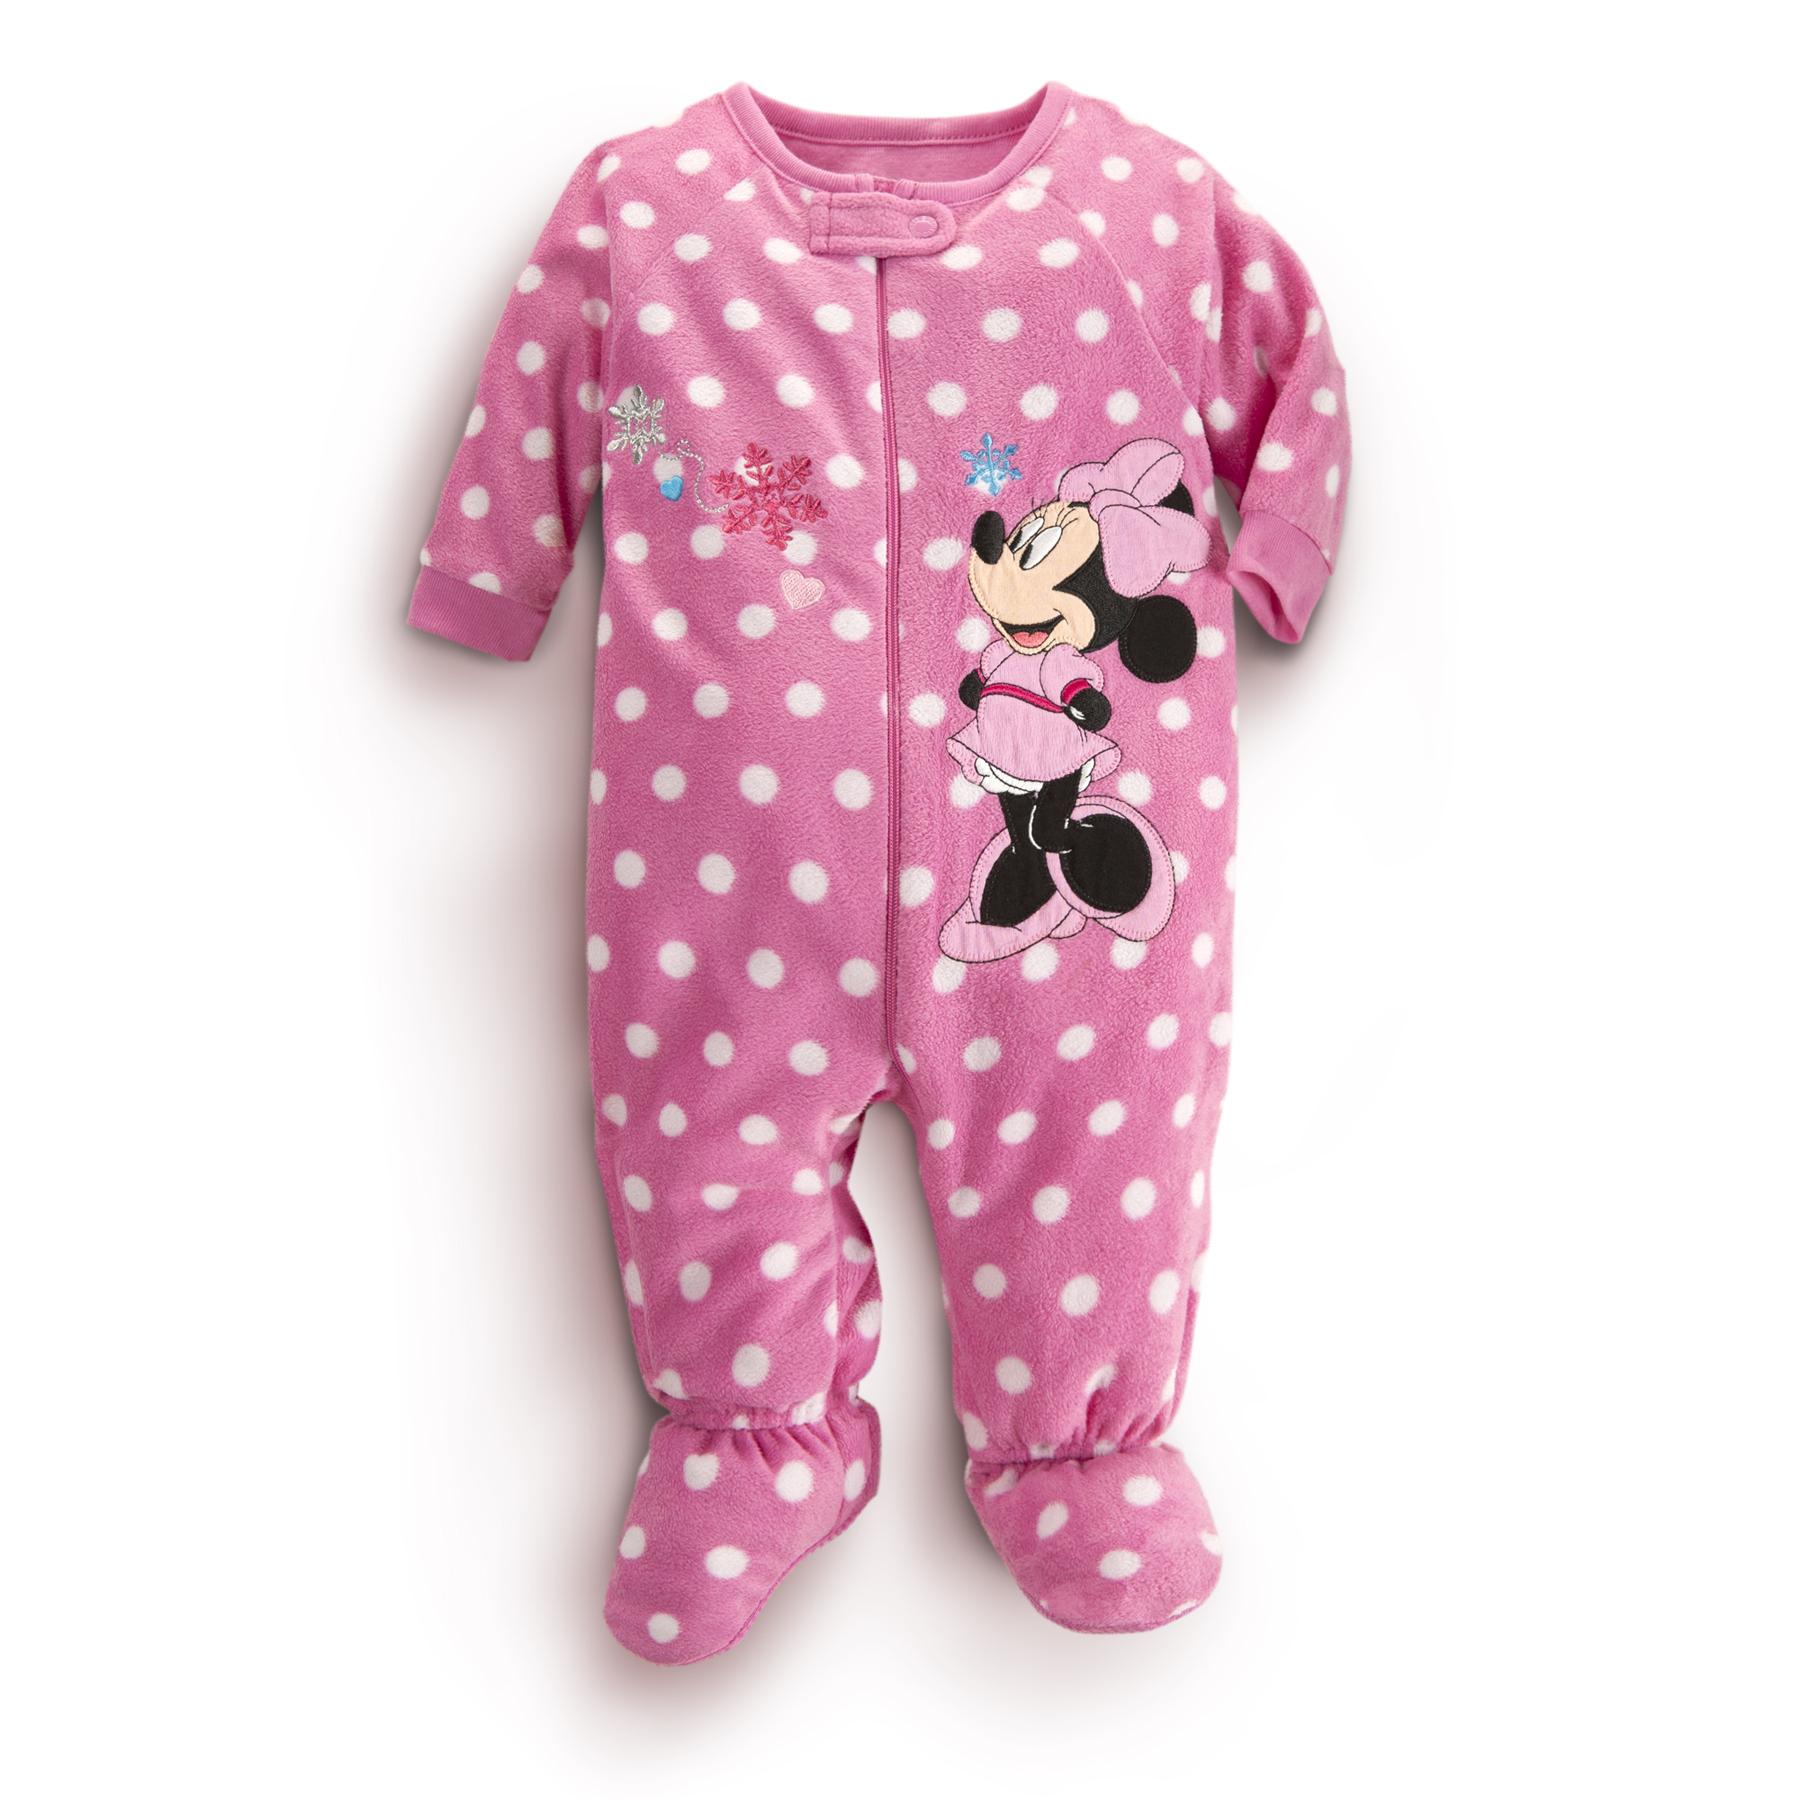 69ea43385c Mibe öltöztessem a babát, kisgyereket ősszel? | MammBa - A baba és ...